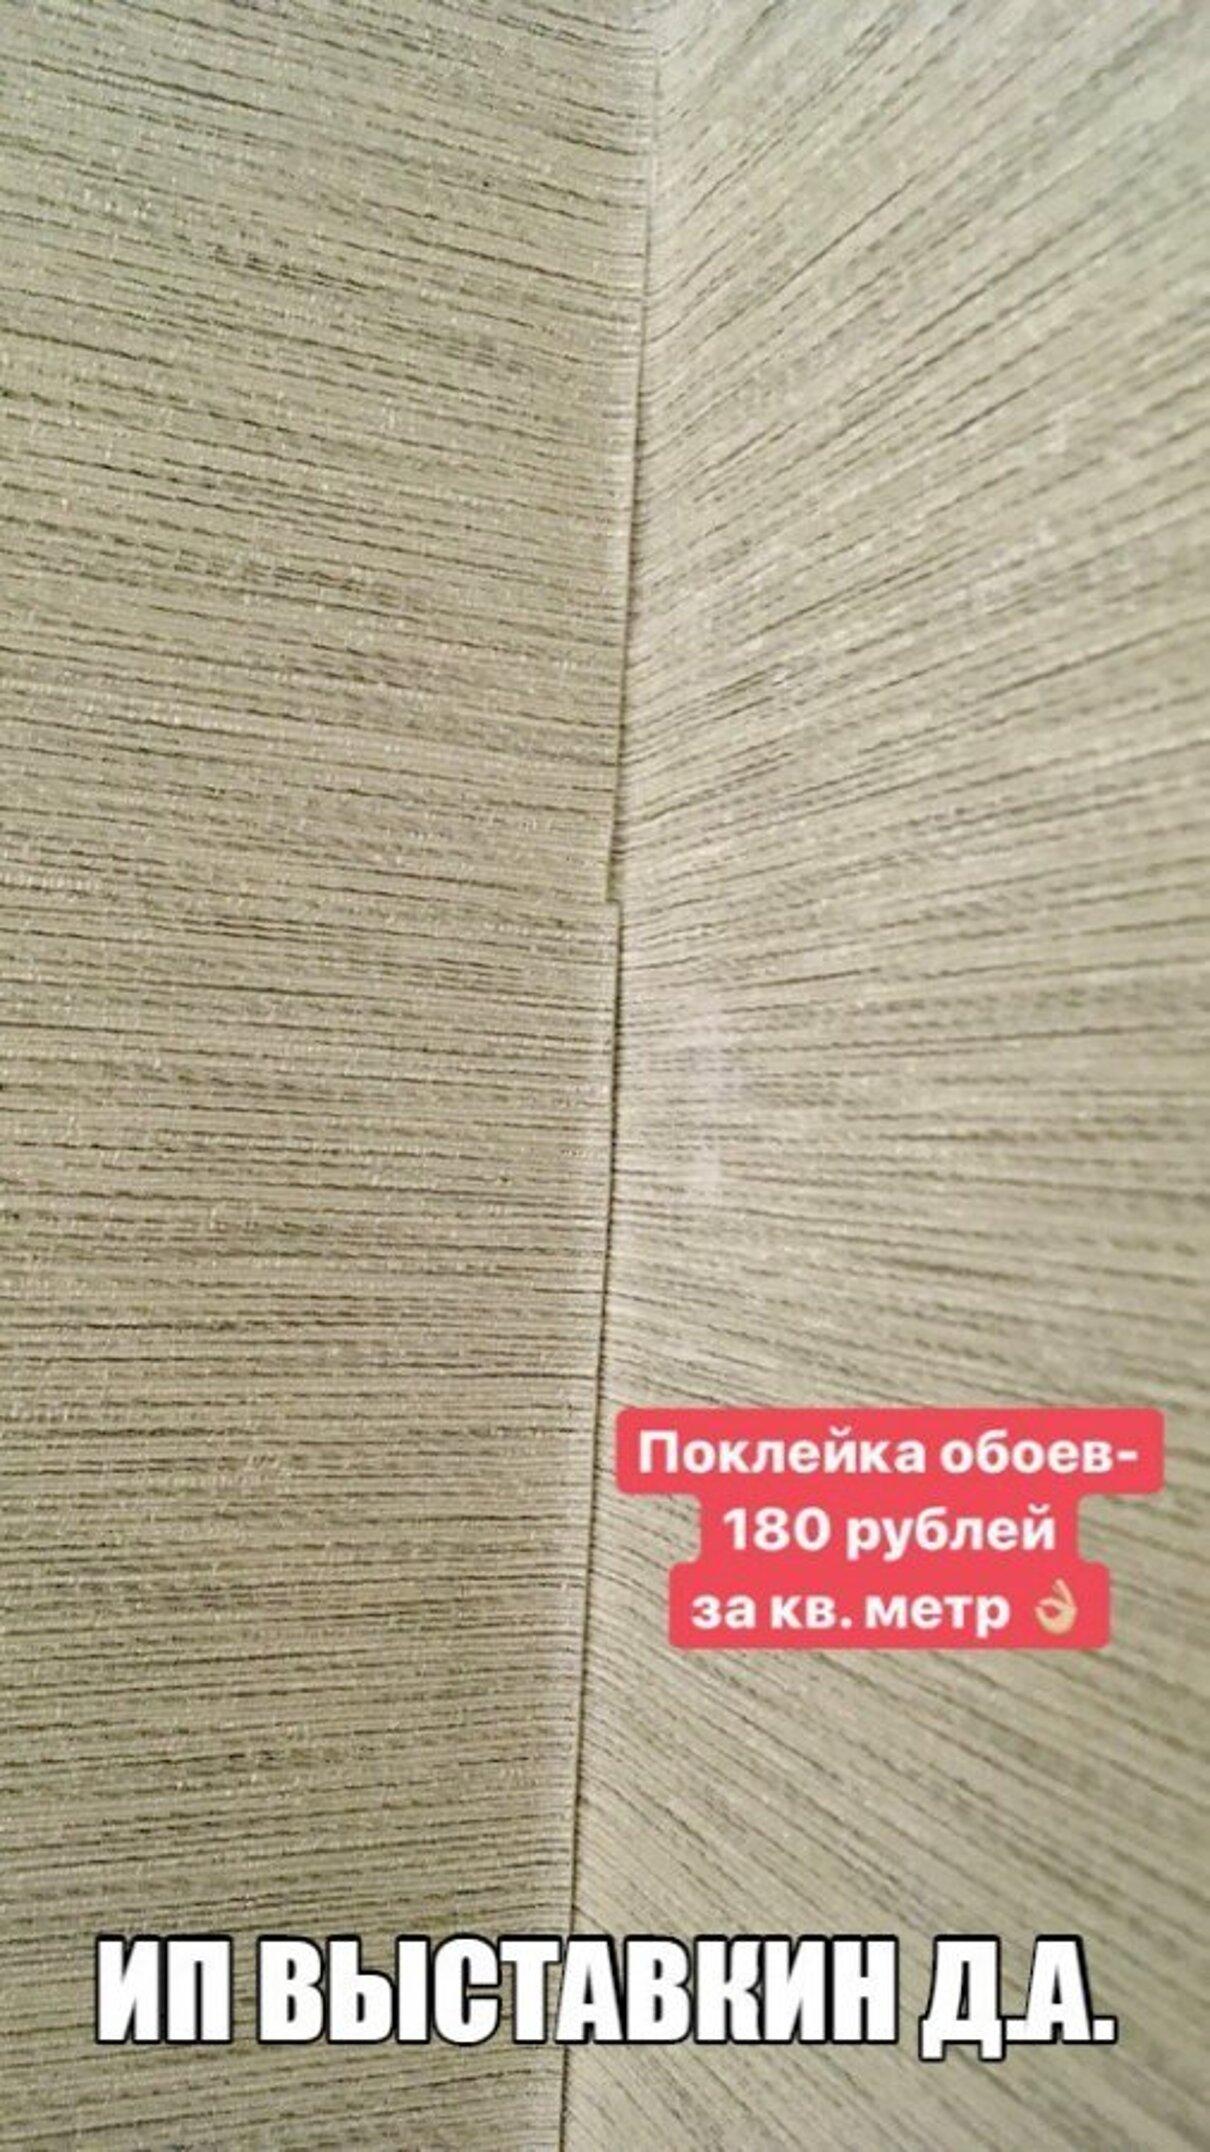 Жалоба-отзыв: ИП Выставкин Дмитрий Анатольевич (Pro мастер) - НЕкачественный ремонт квартир под ключ в Сыктывкаре.  Фото №4